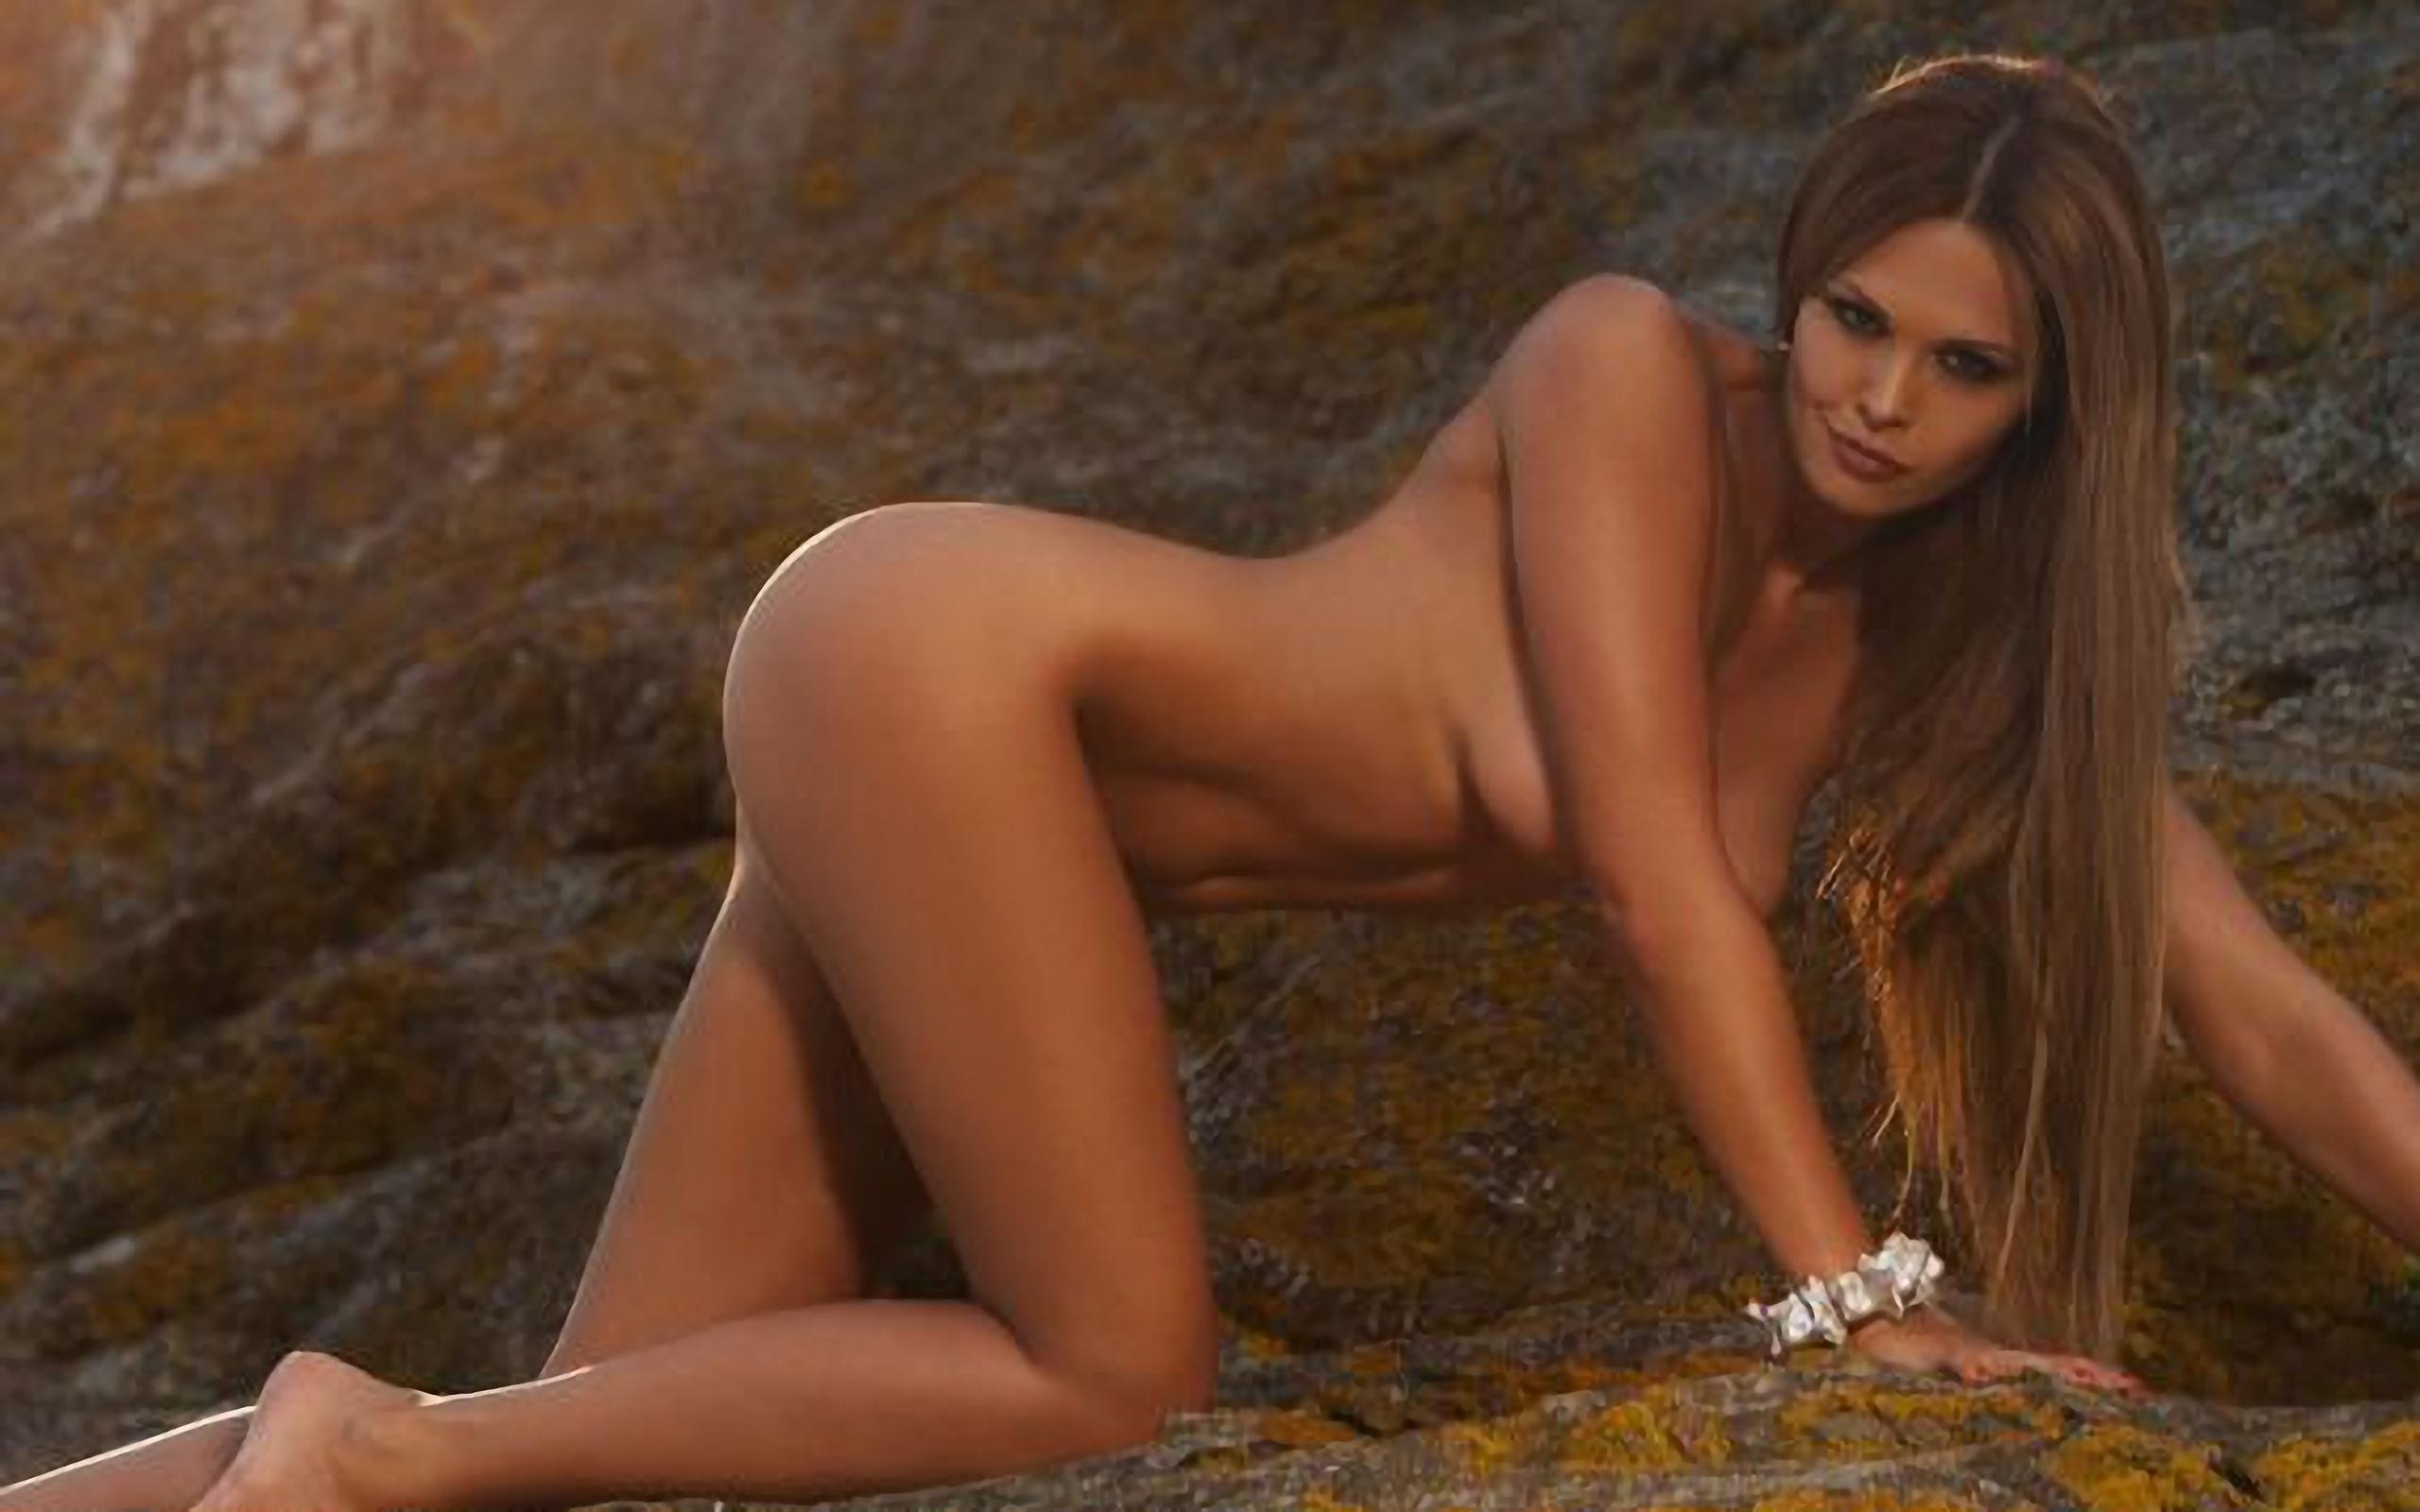 Руские актрисы голые фото 18 фотография